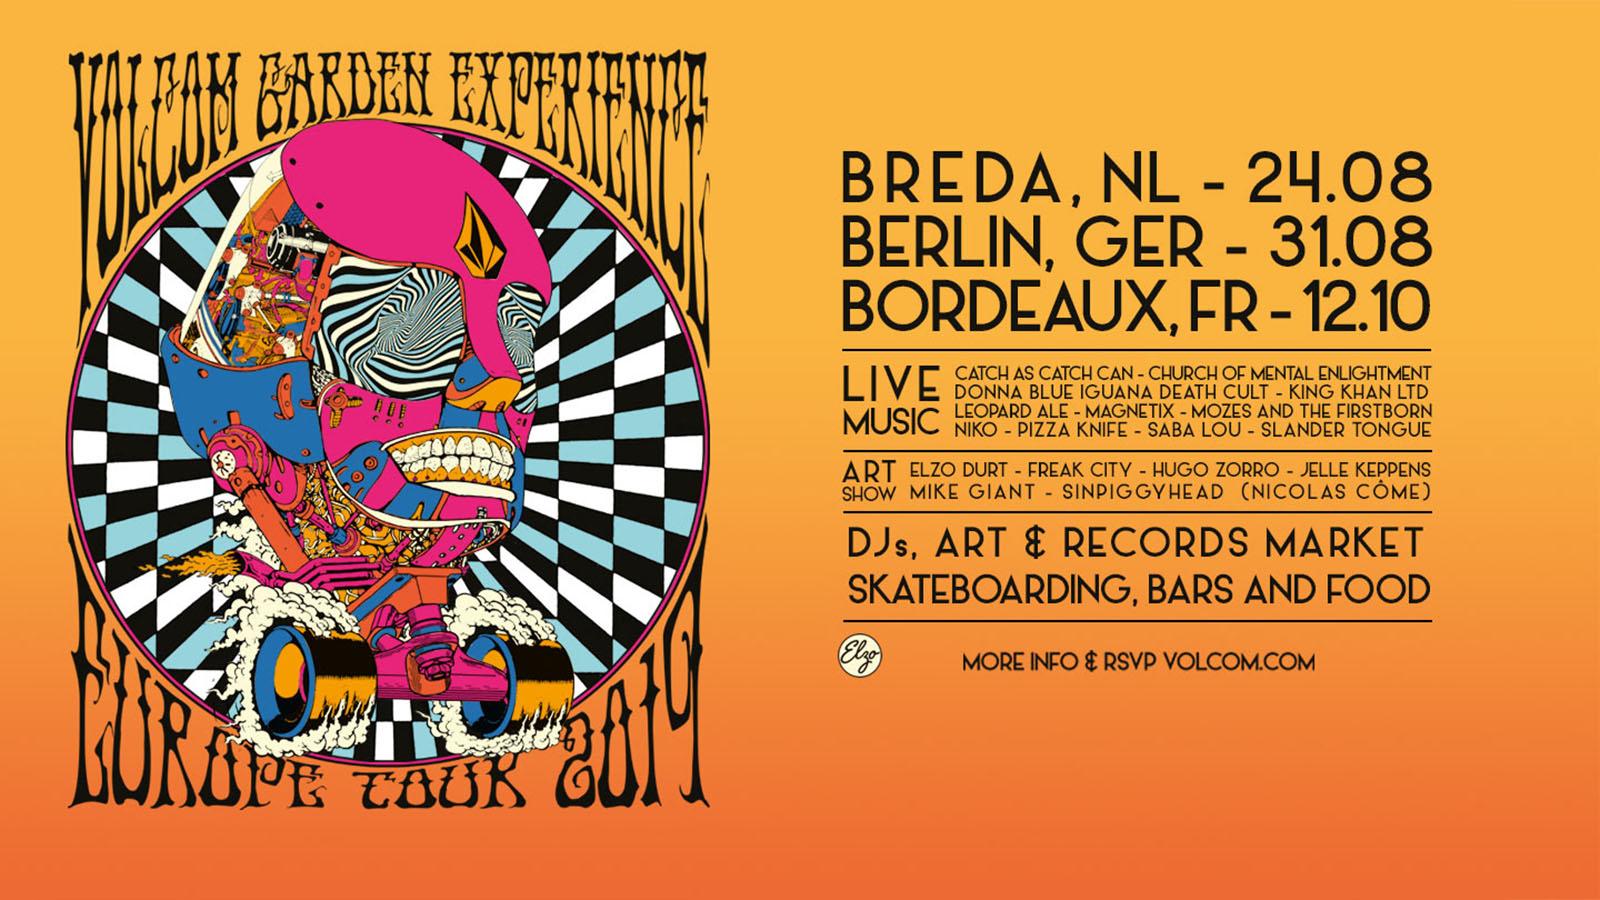 d681b85c-1440x810-tour-websiteevent-page